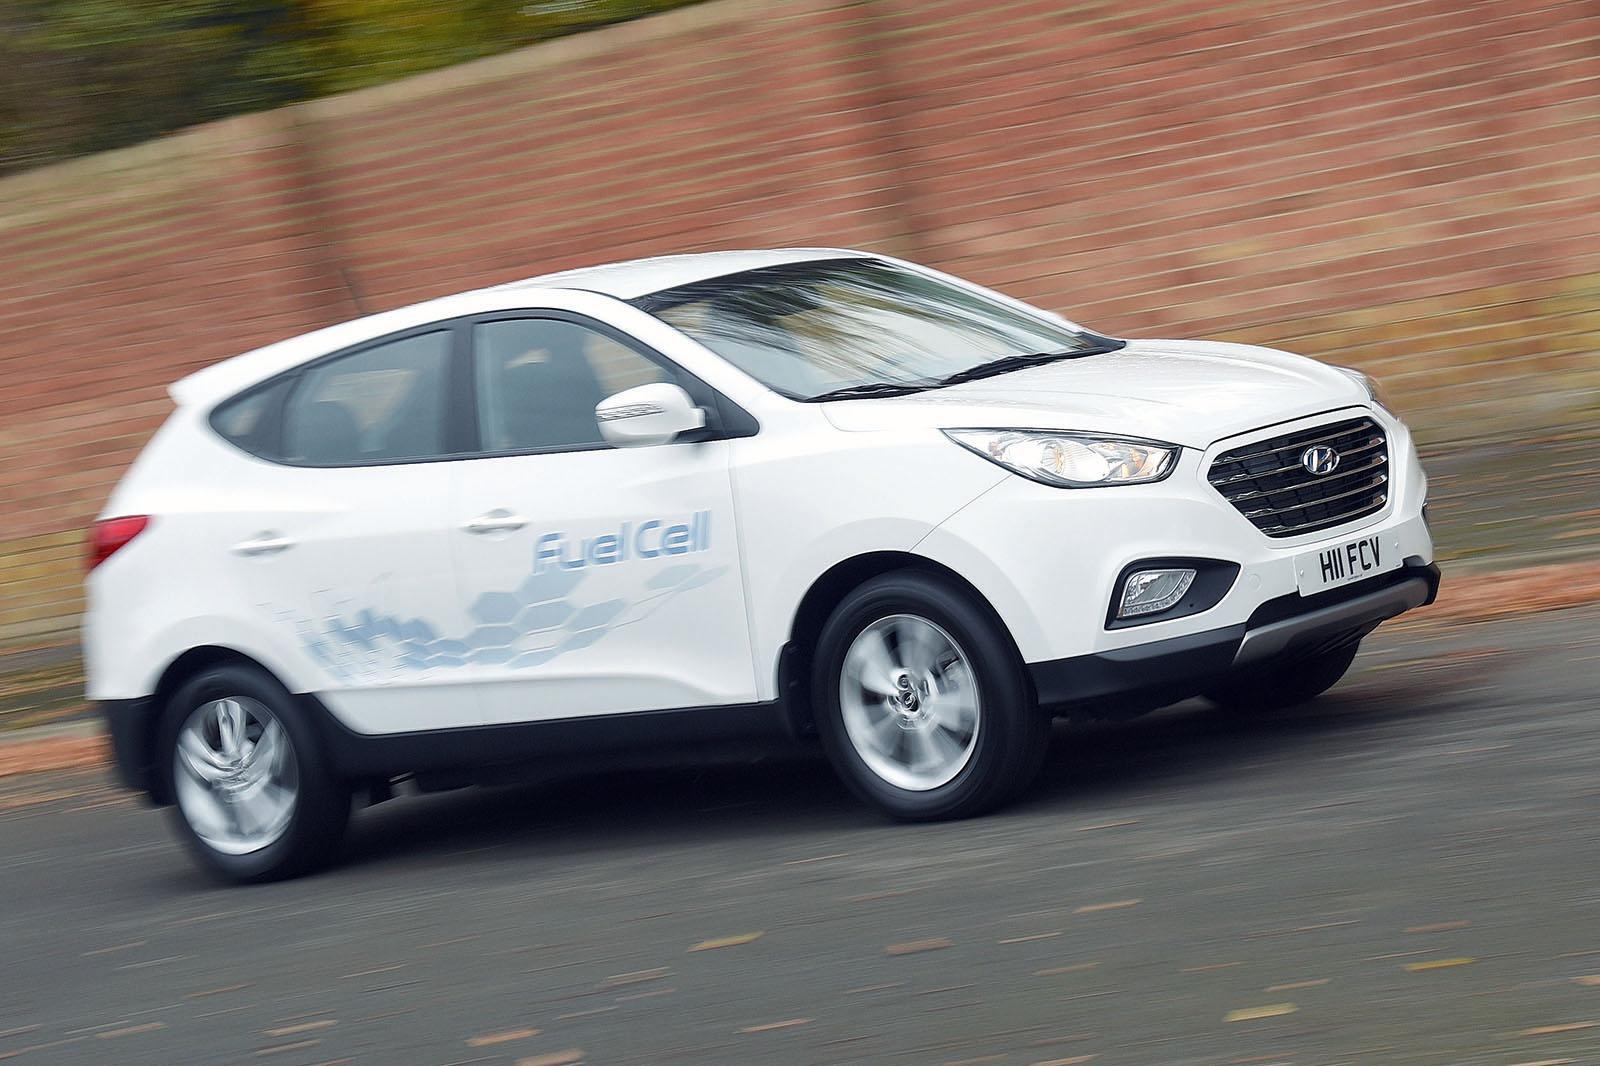 Долгосрочный тест топливной ячейки Hyundai ix35: ограничения водородных топливных элементов